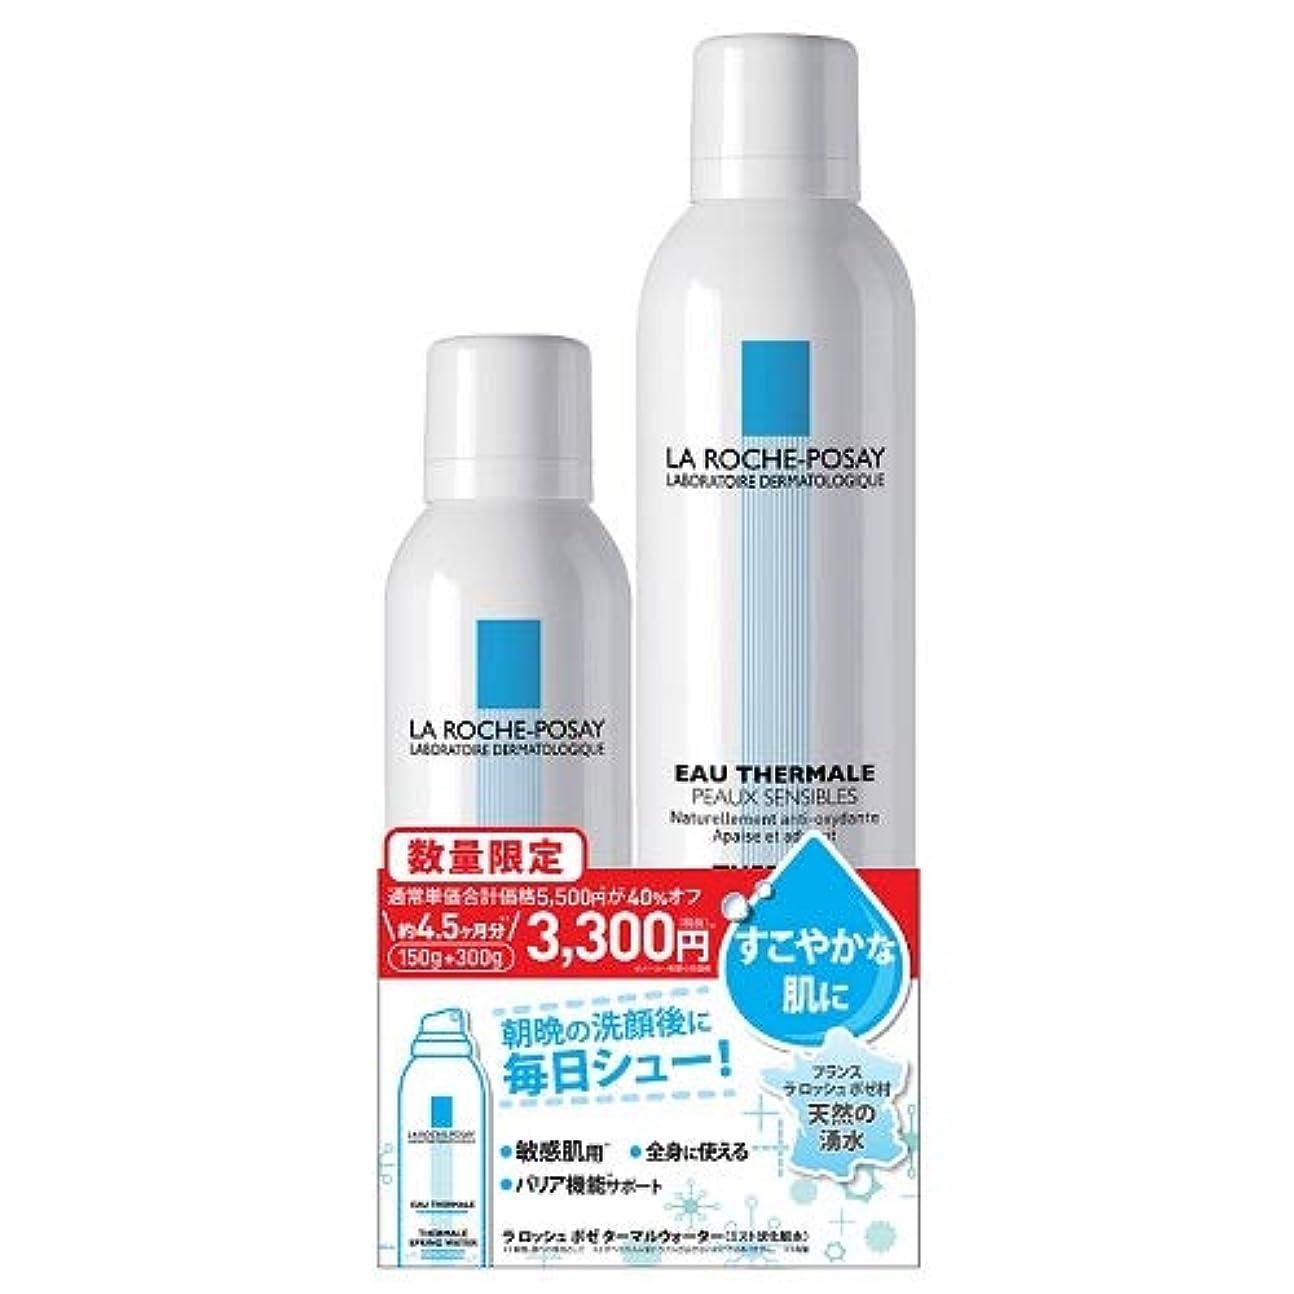 良いアラスカ机La Roche-Posay(ラロッシュポゼ) 【敏感肌用*ミスト状化粧水】ターマルウォーター300g+150gキット